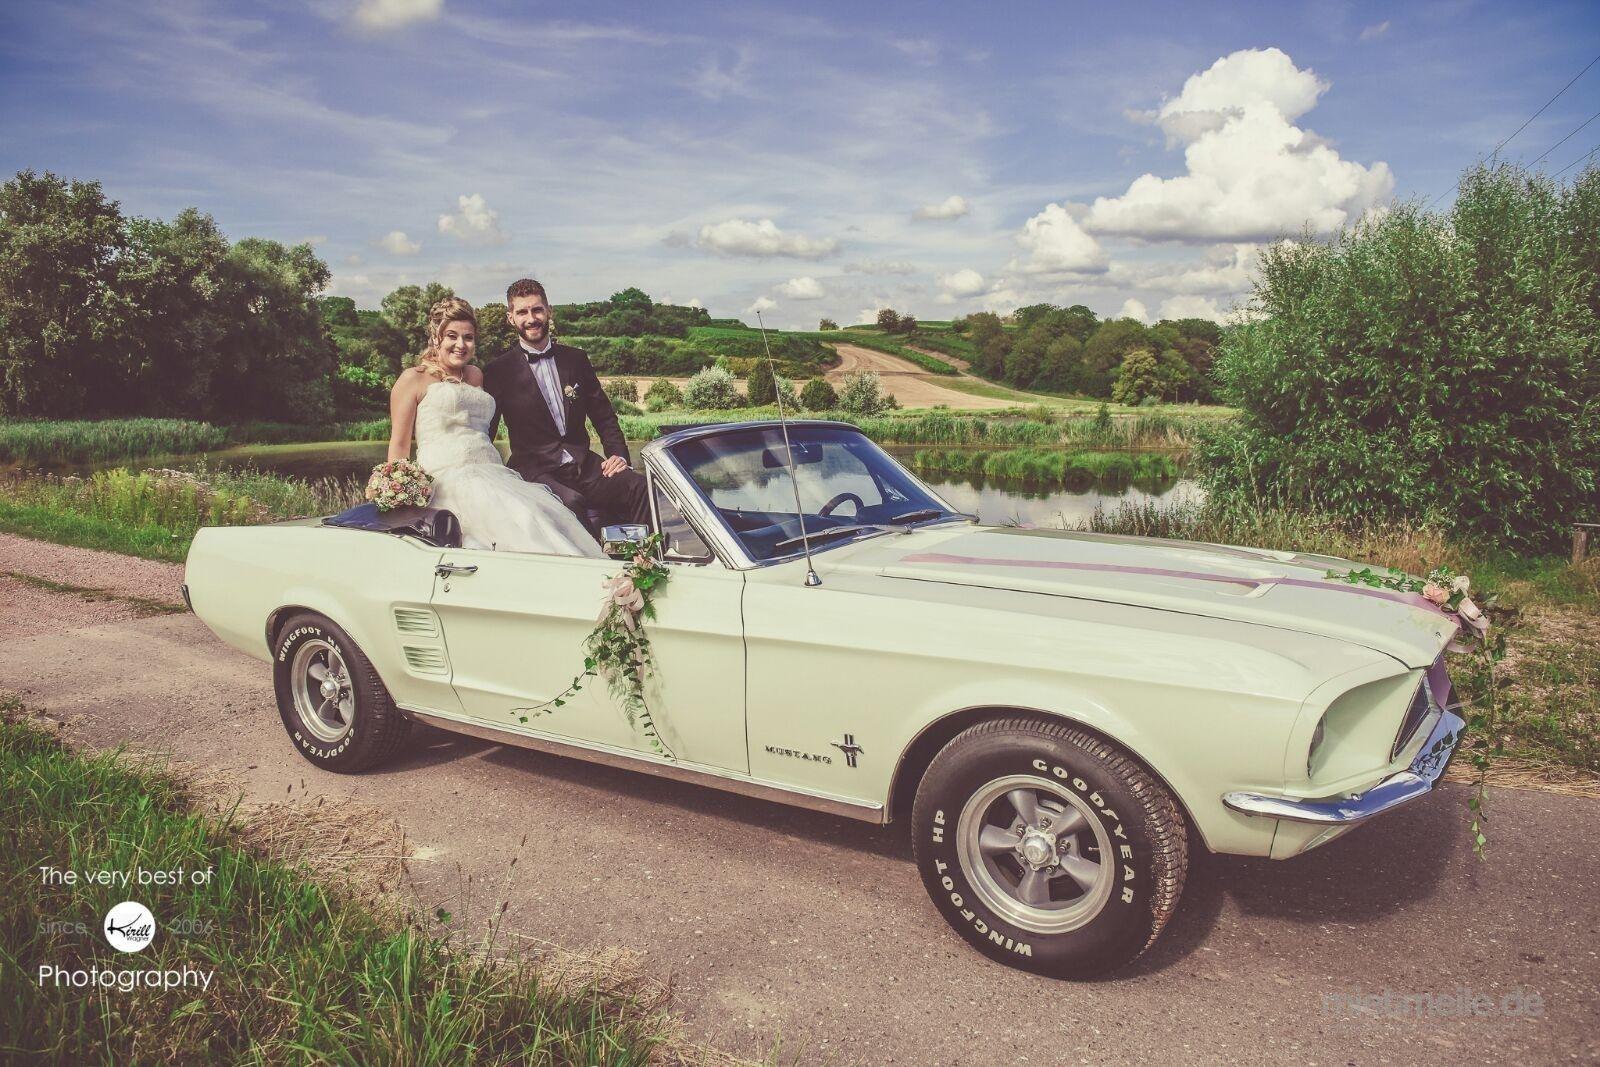 Oldtimer mieten & vermieten - Mustang Cabrio Bj. 1967, Hochzeitsauto, Chauffeur/-in, Oldtimer in Freiburg im Breisgau